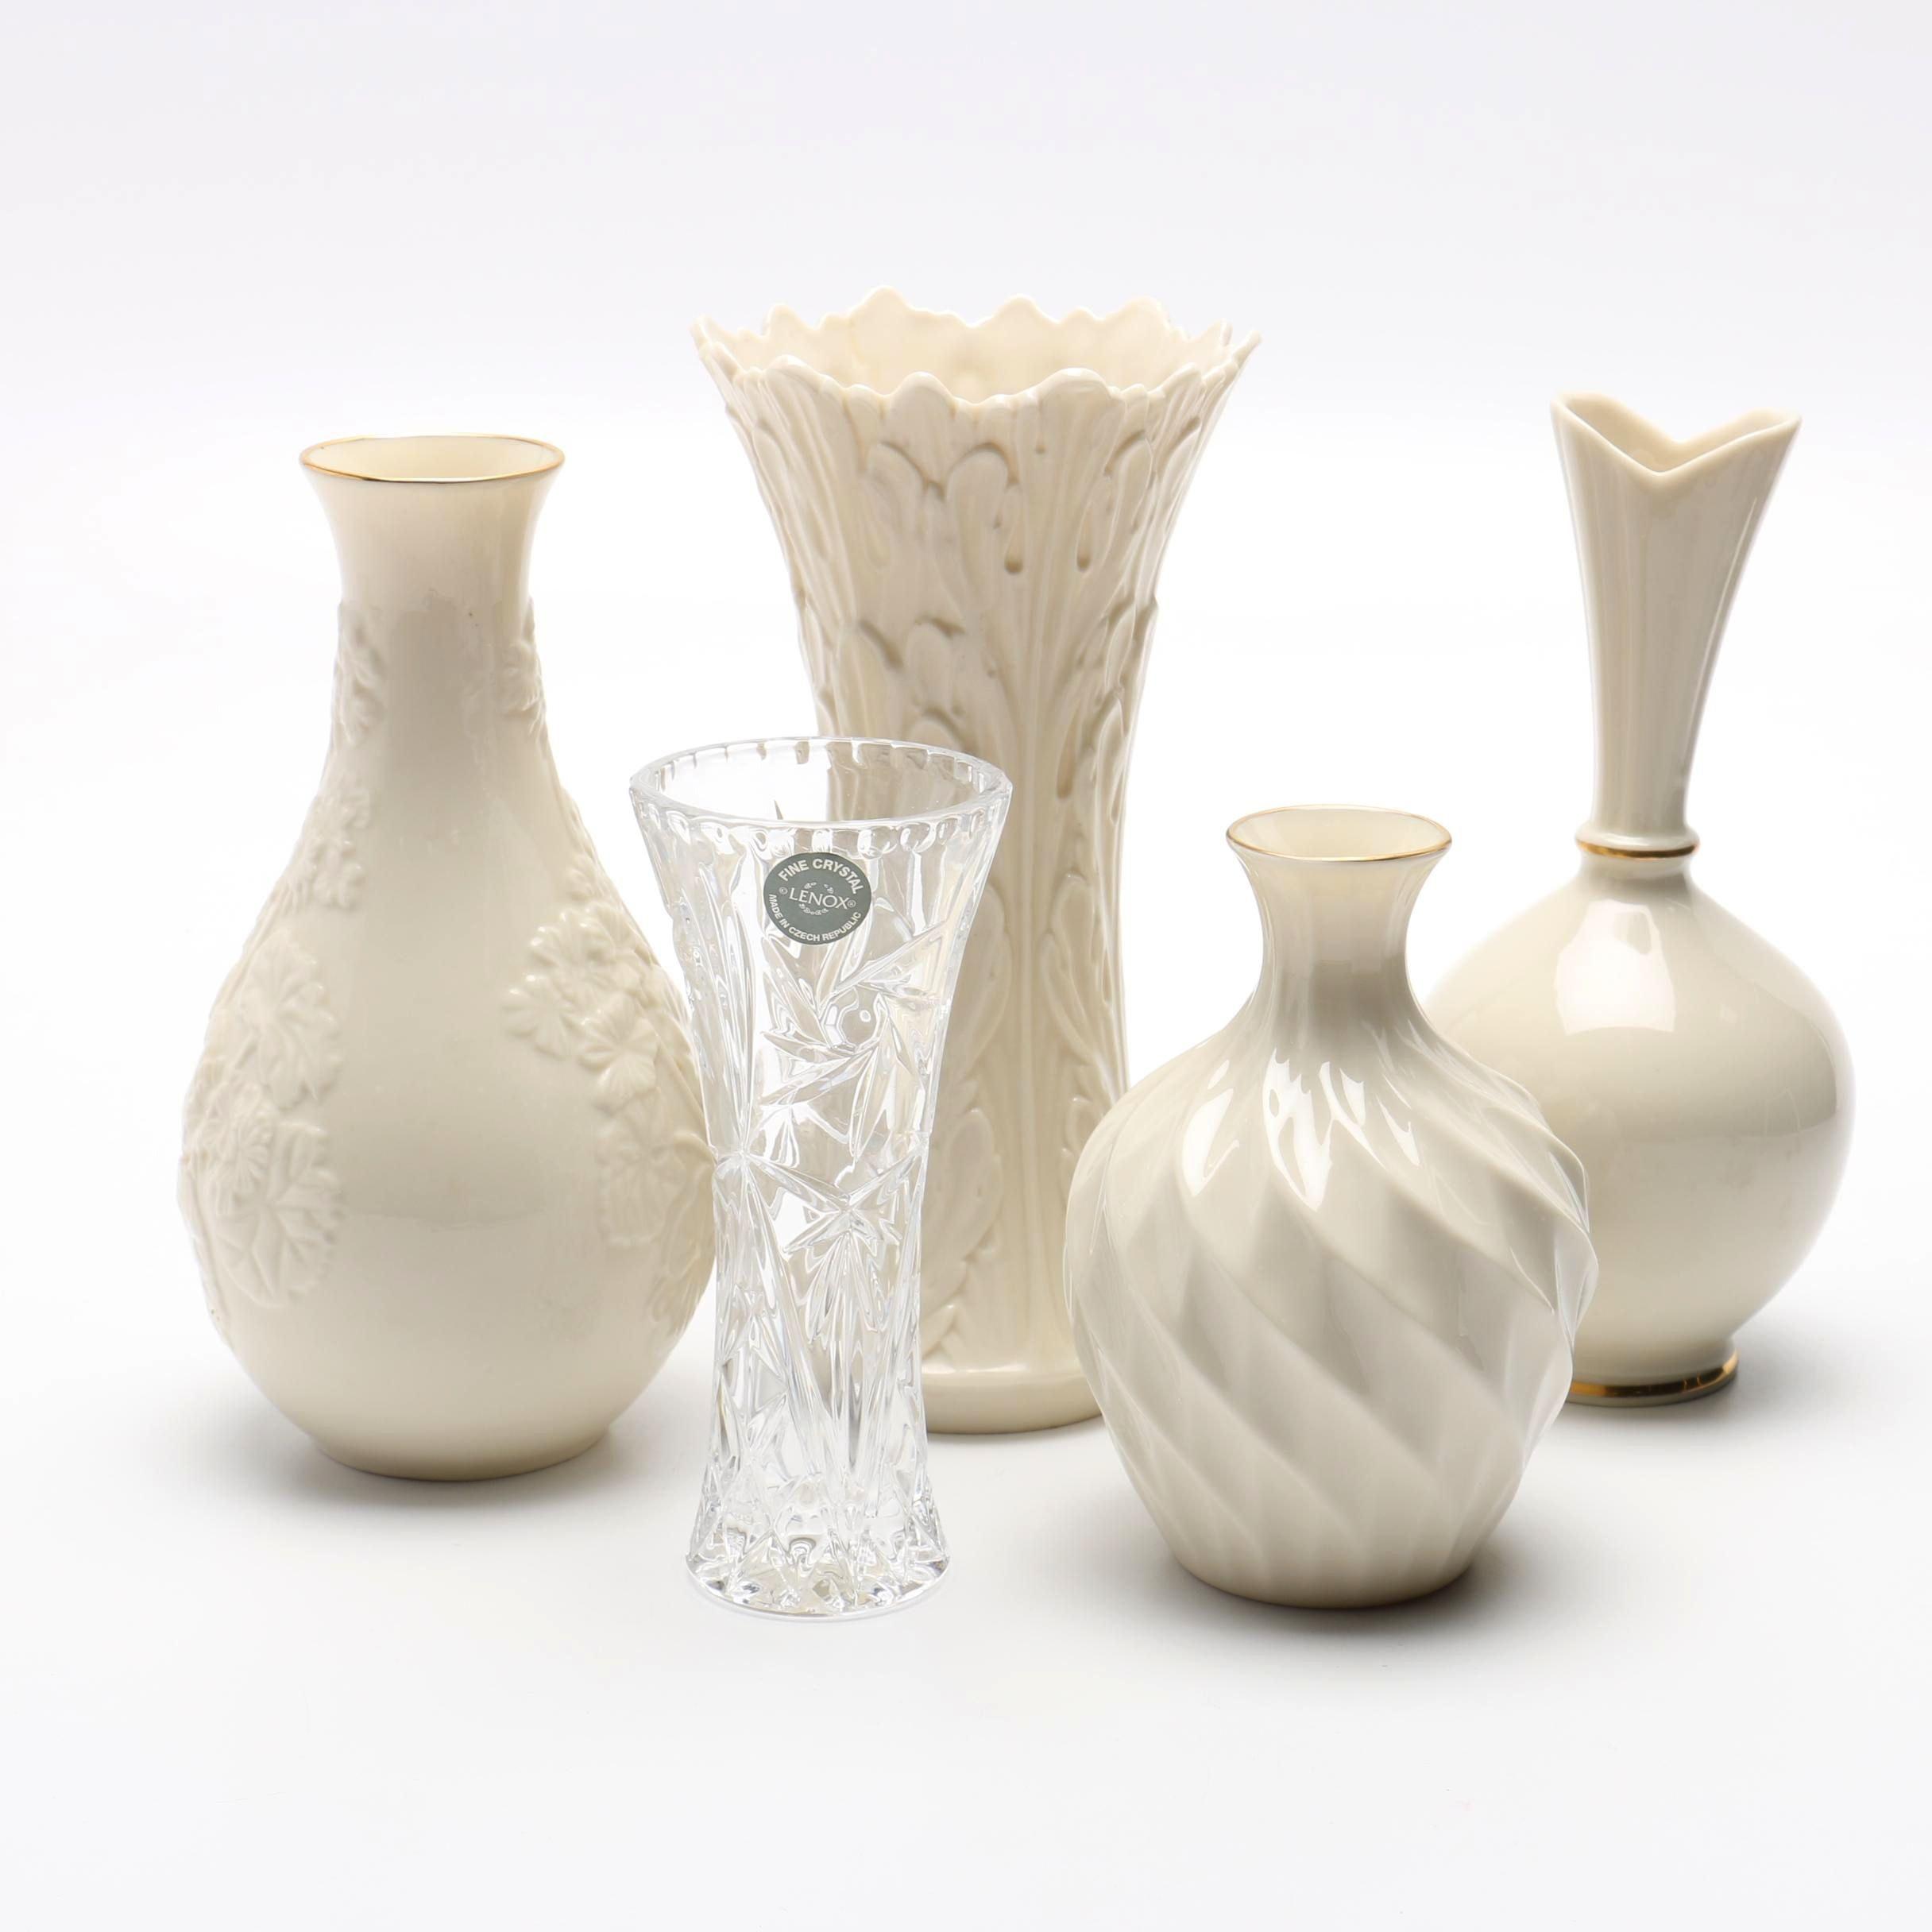 Lenox Porcelain and Crystal Vases